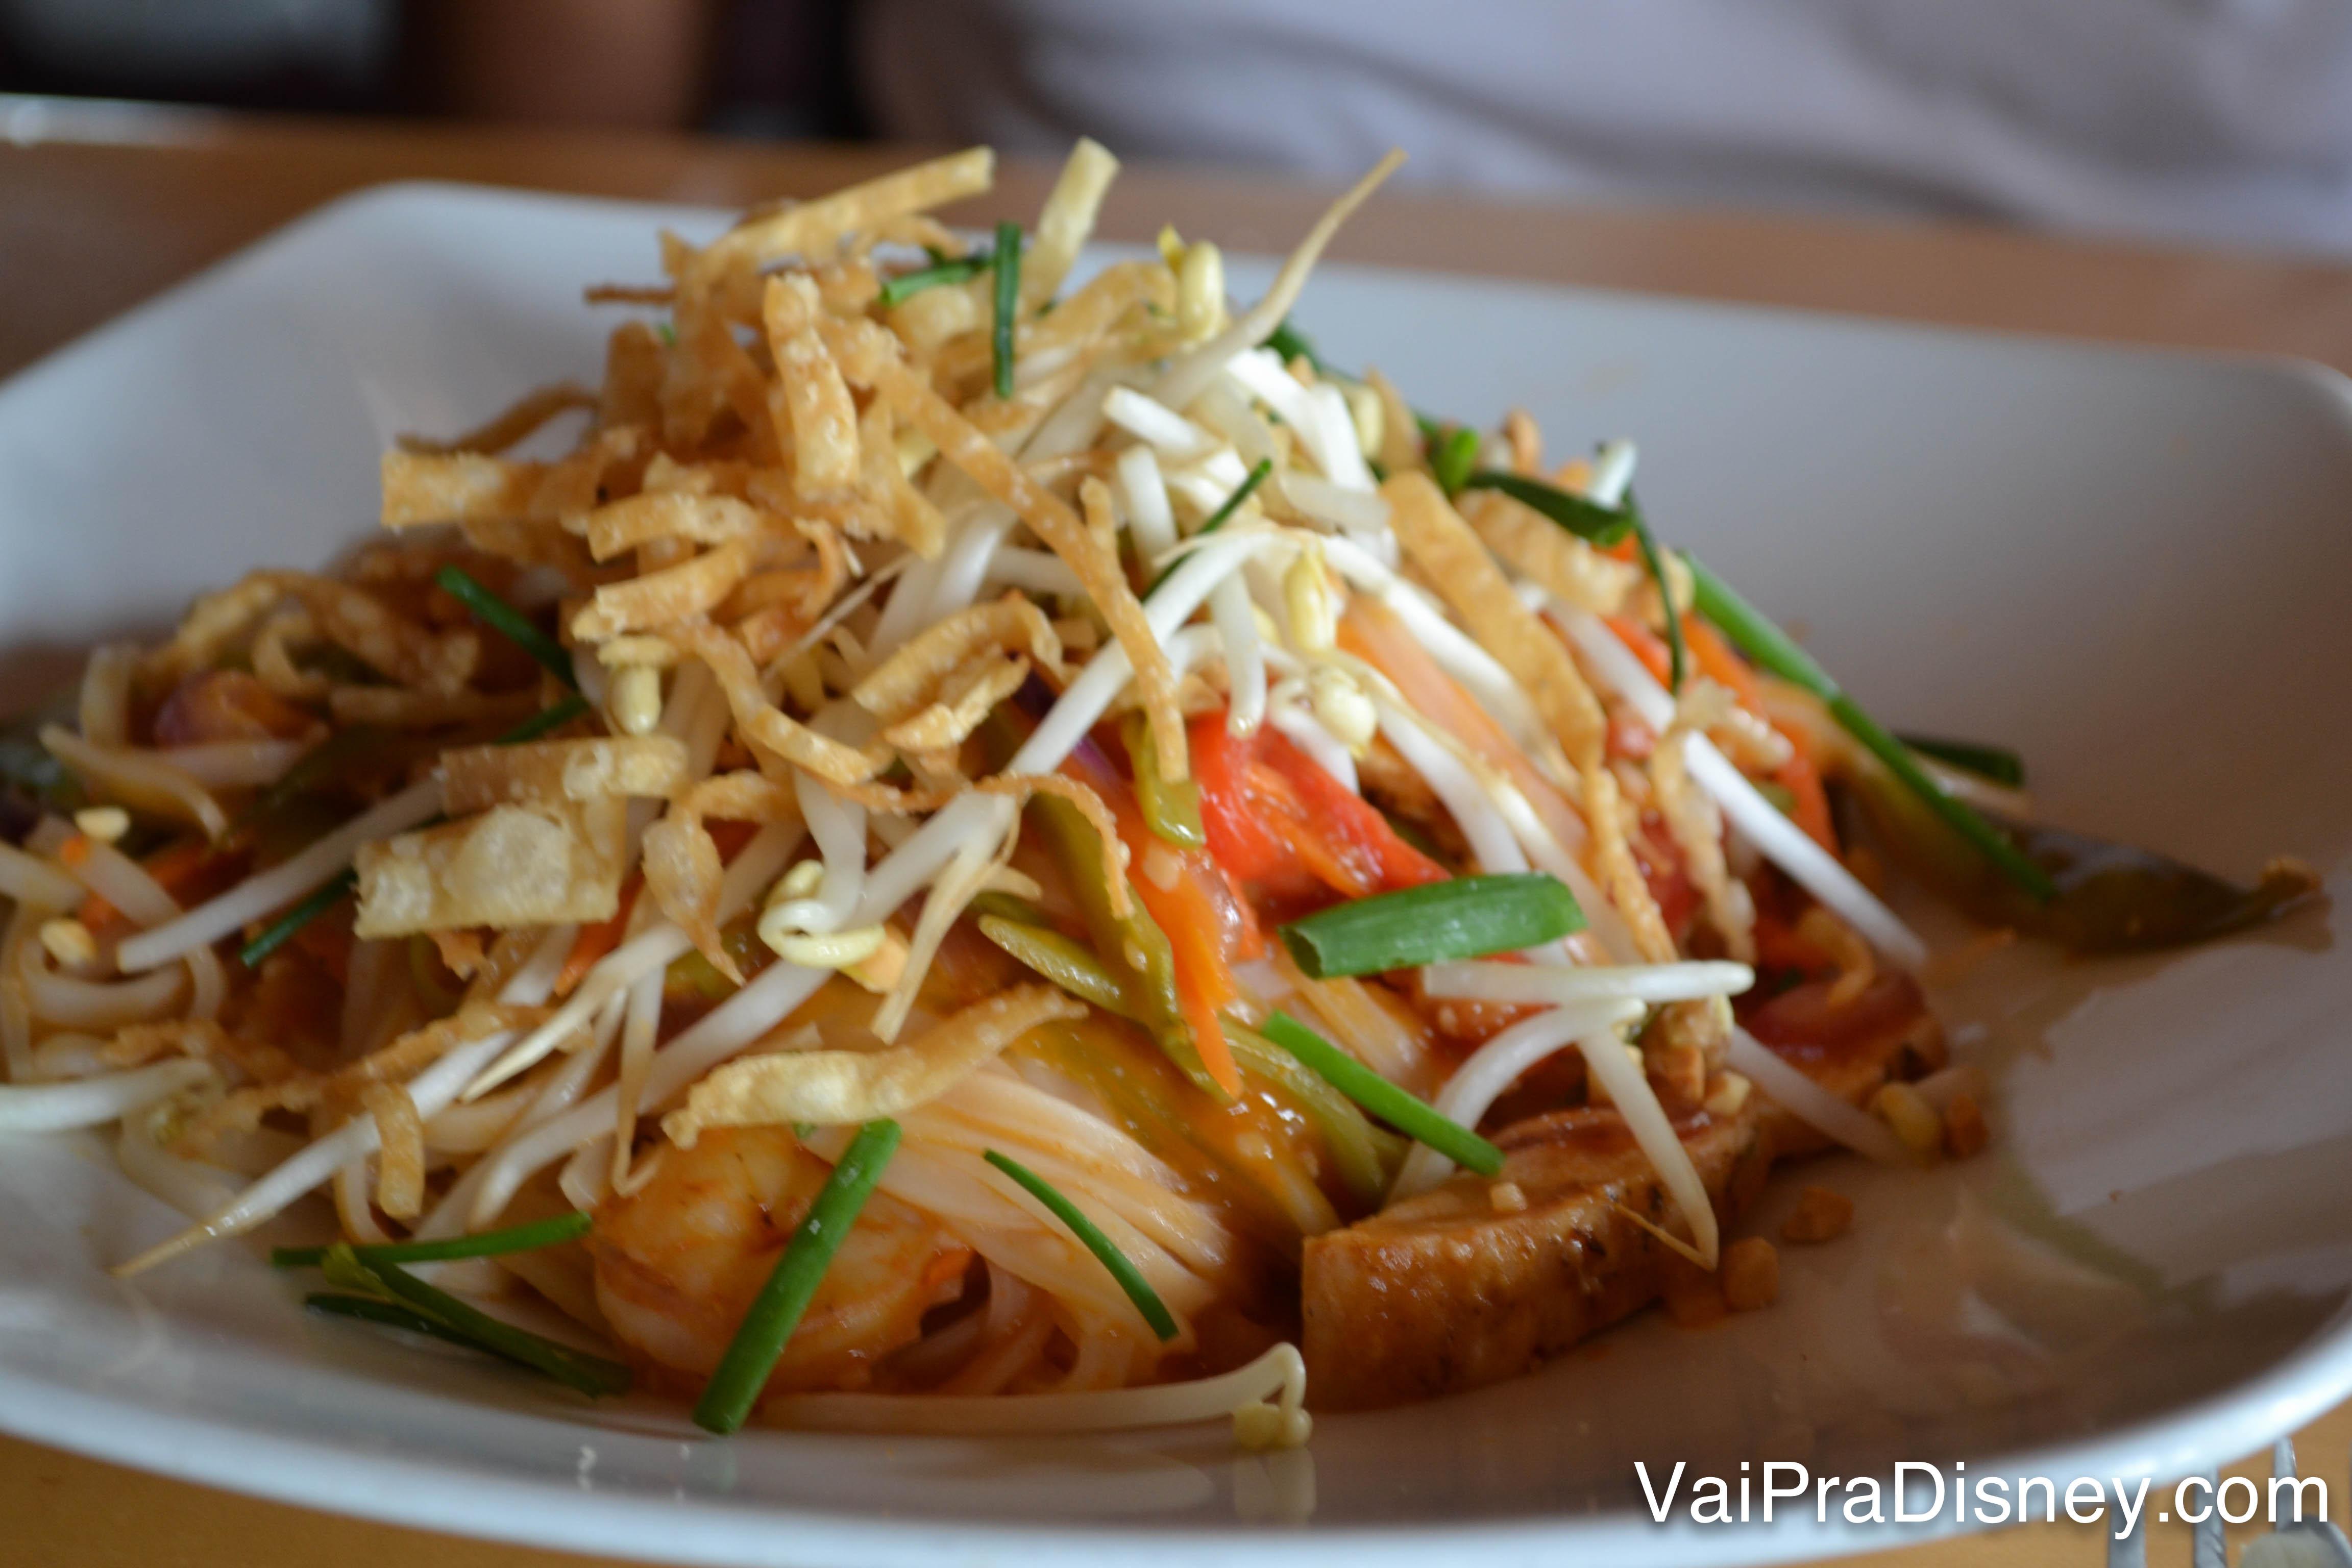 Foto do prato com frutos do mar do restaurante, o Pad Thai